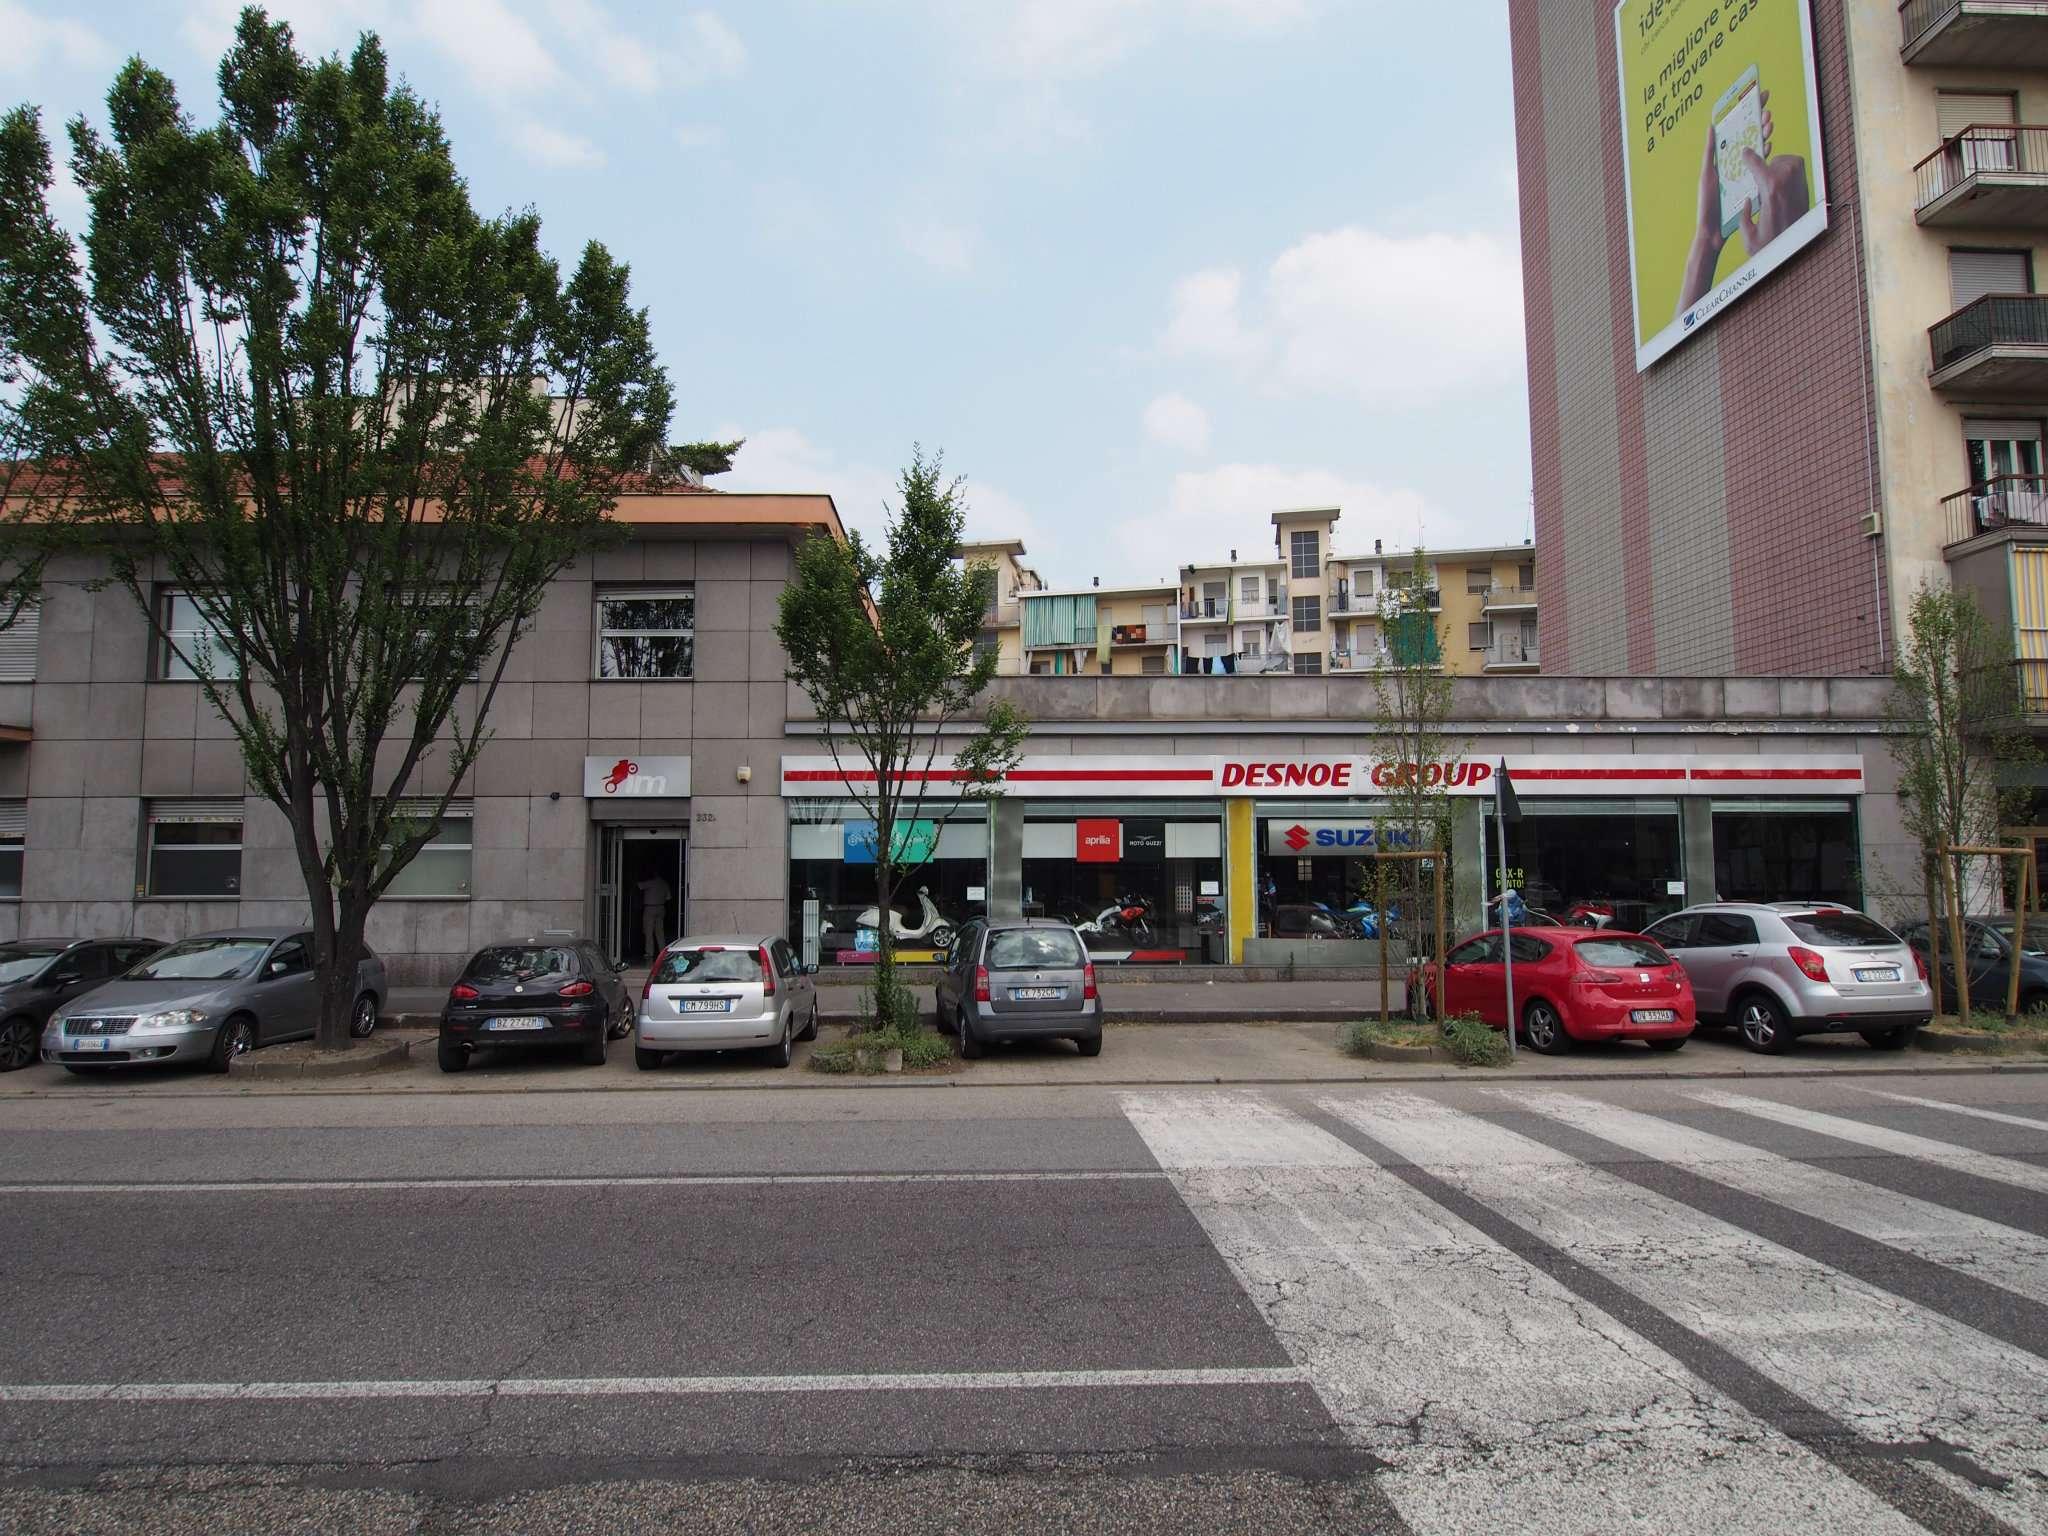 Ufficio in affitto Zona Barriera Milano, Falchera, Barca-Be... - corso Vercelli 232 Torino